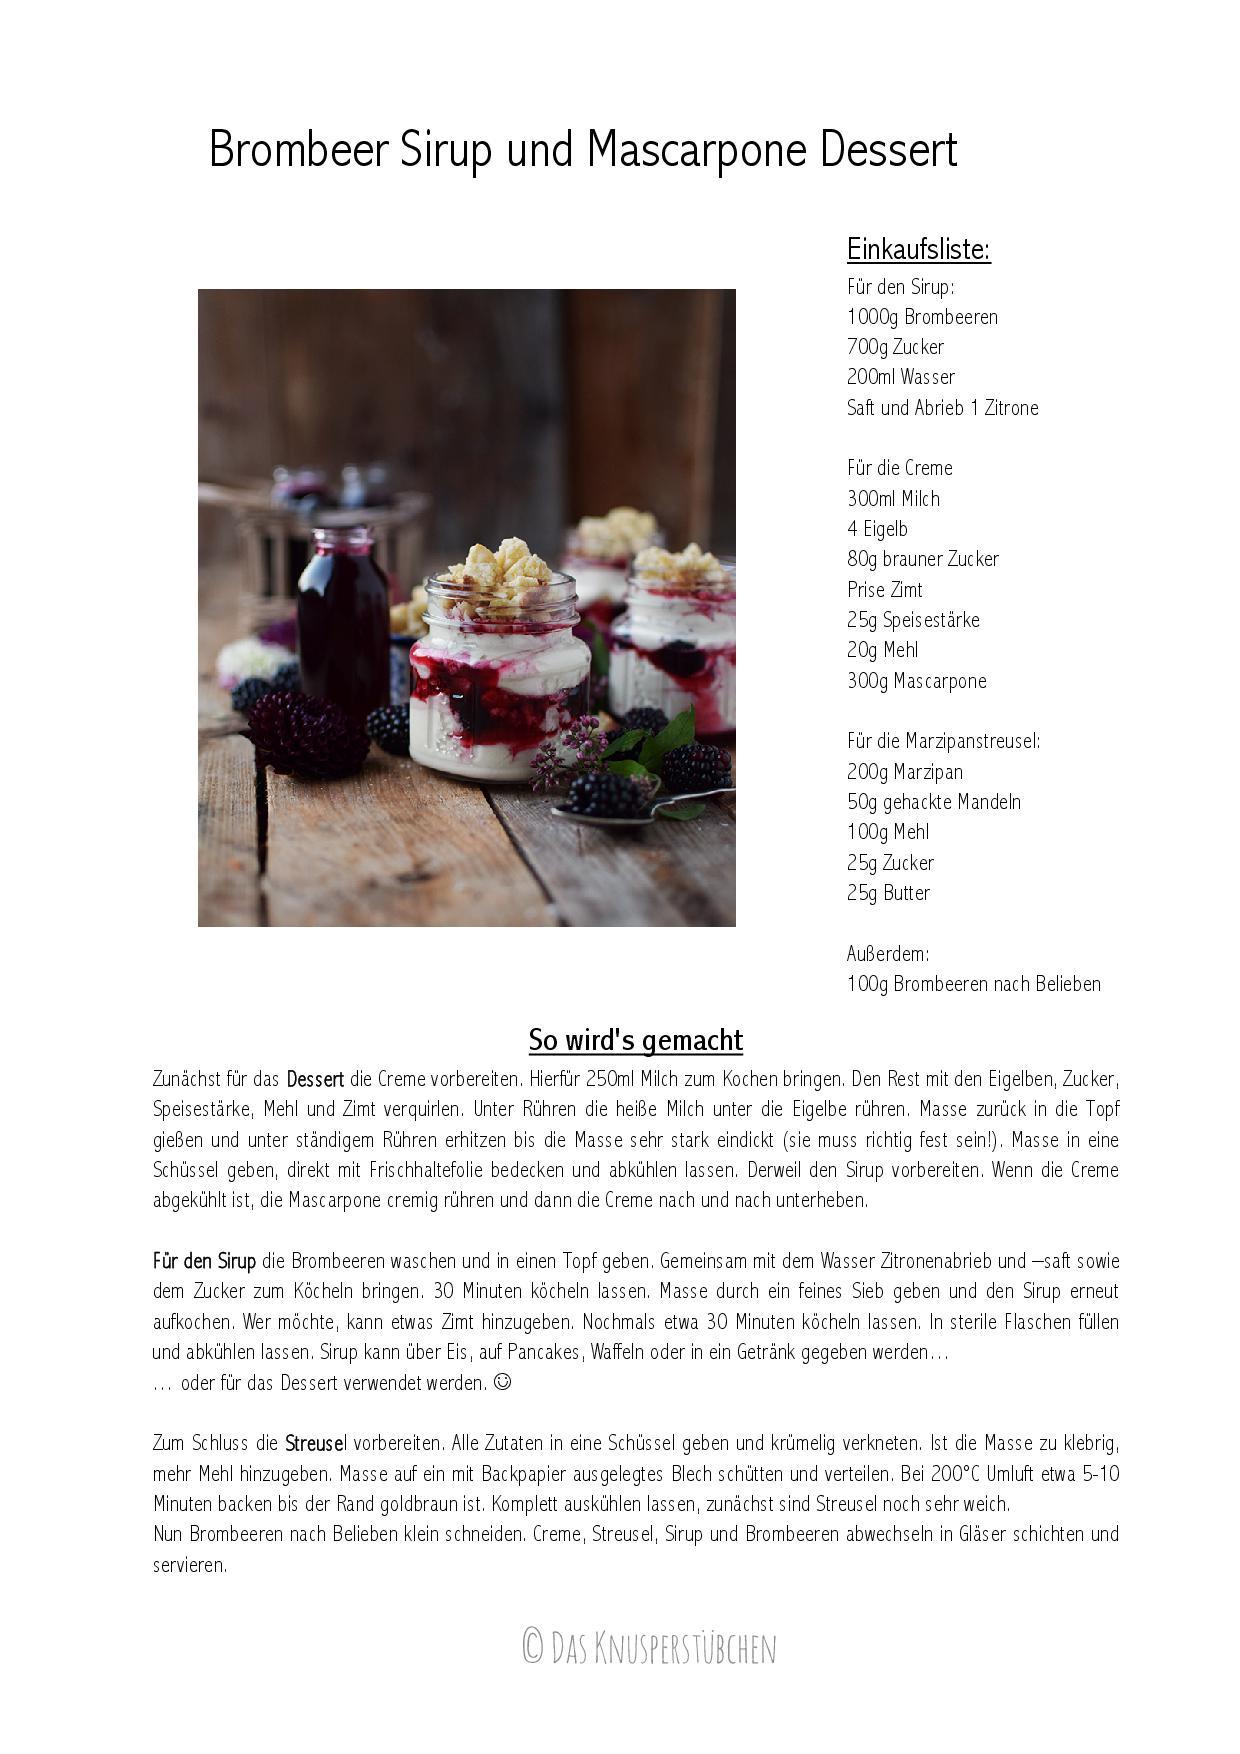 Brombeer Sirup und Mascarpone Dessert Rezept-001